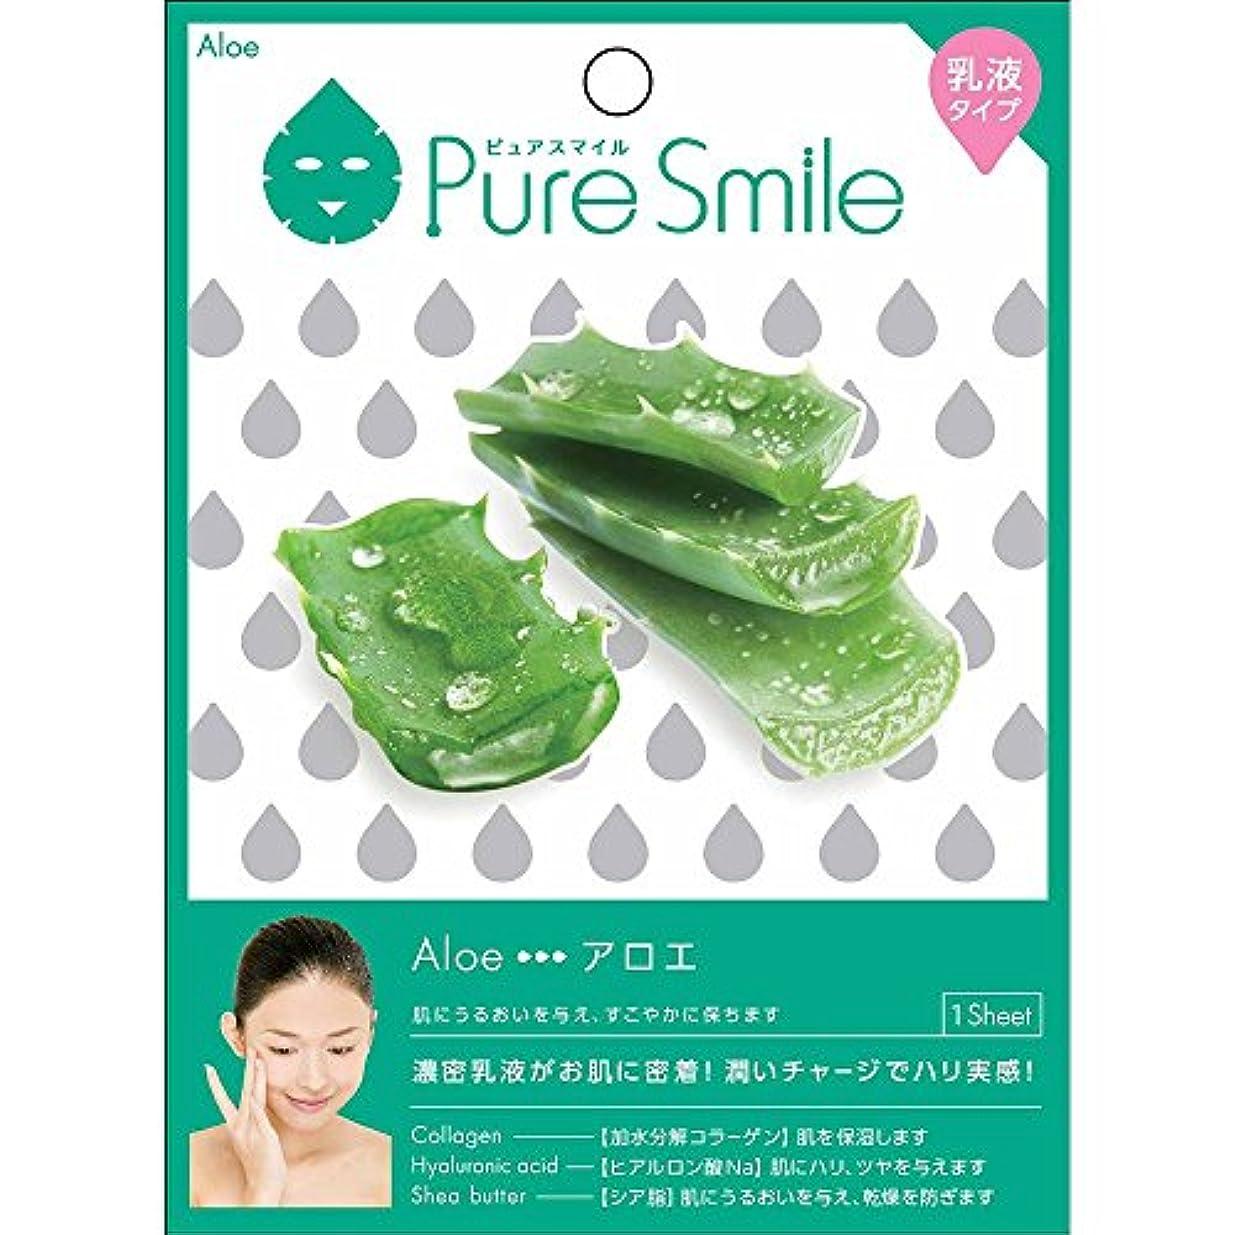 エクステント尊厳利益Pure Smile(ピュアスマイル) 乳液エッセンスマスク 1 枚 アロエ